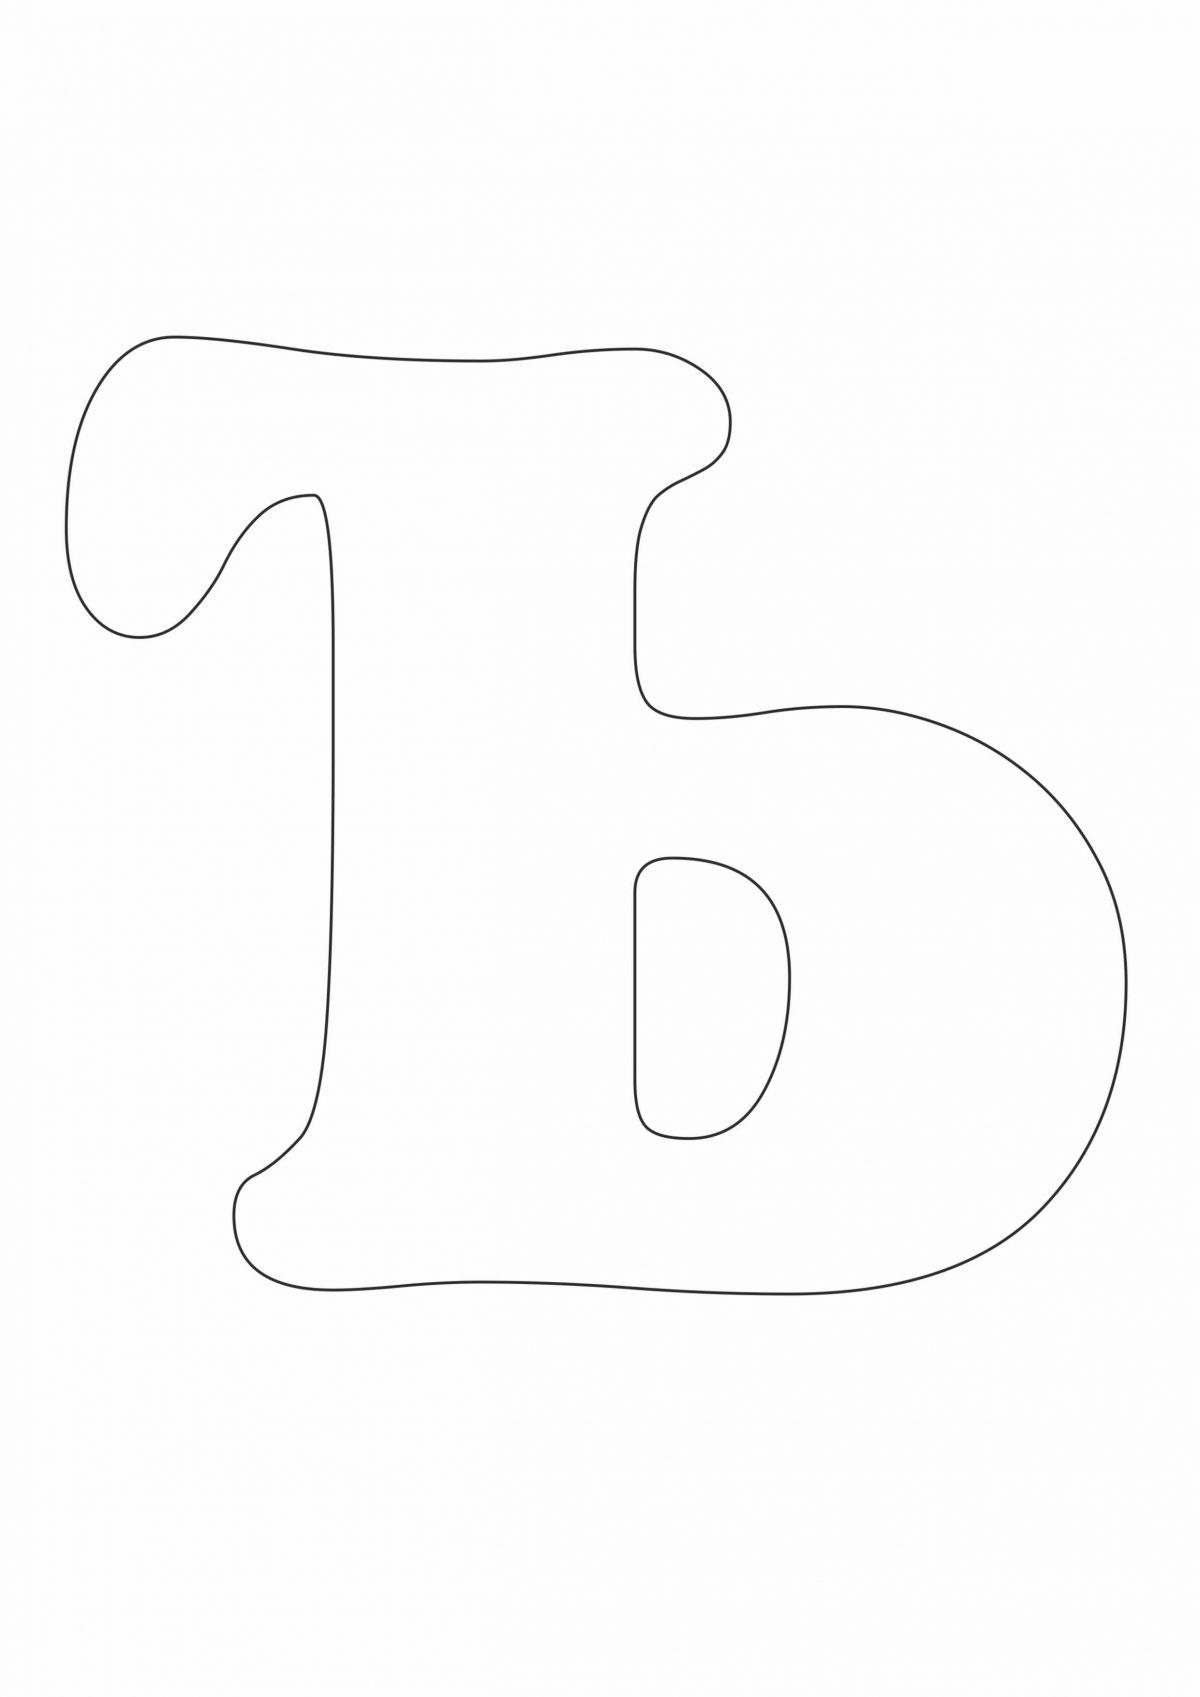 Трафарет буквы Ъ